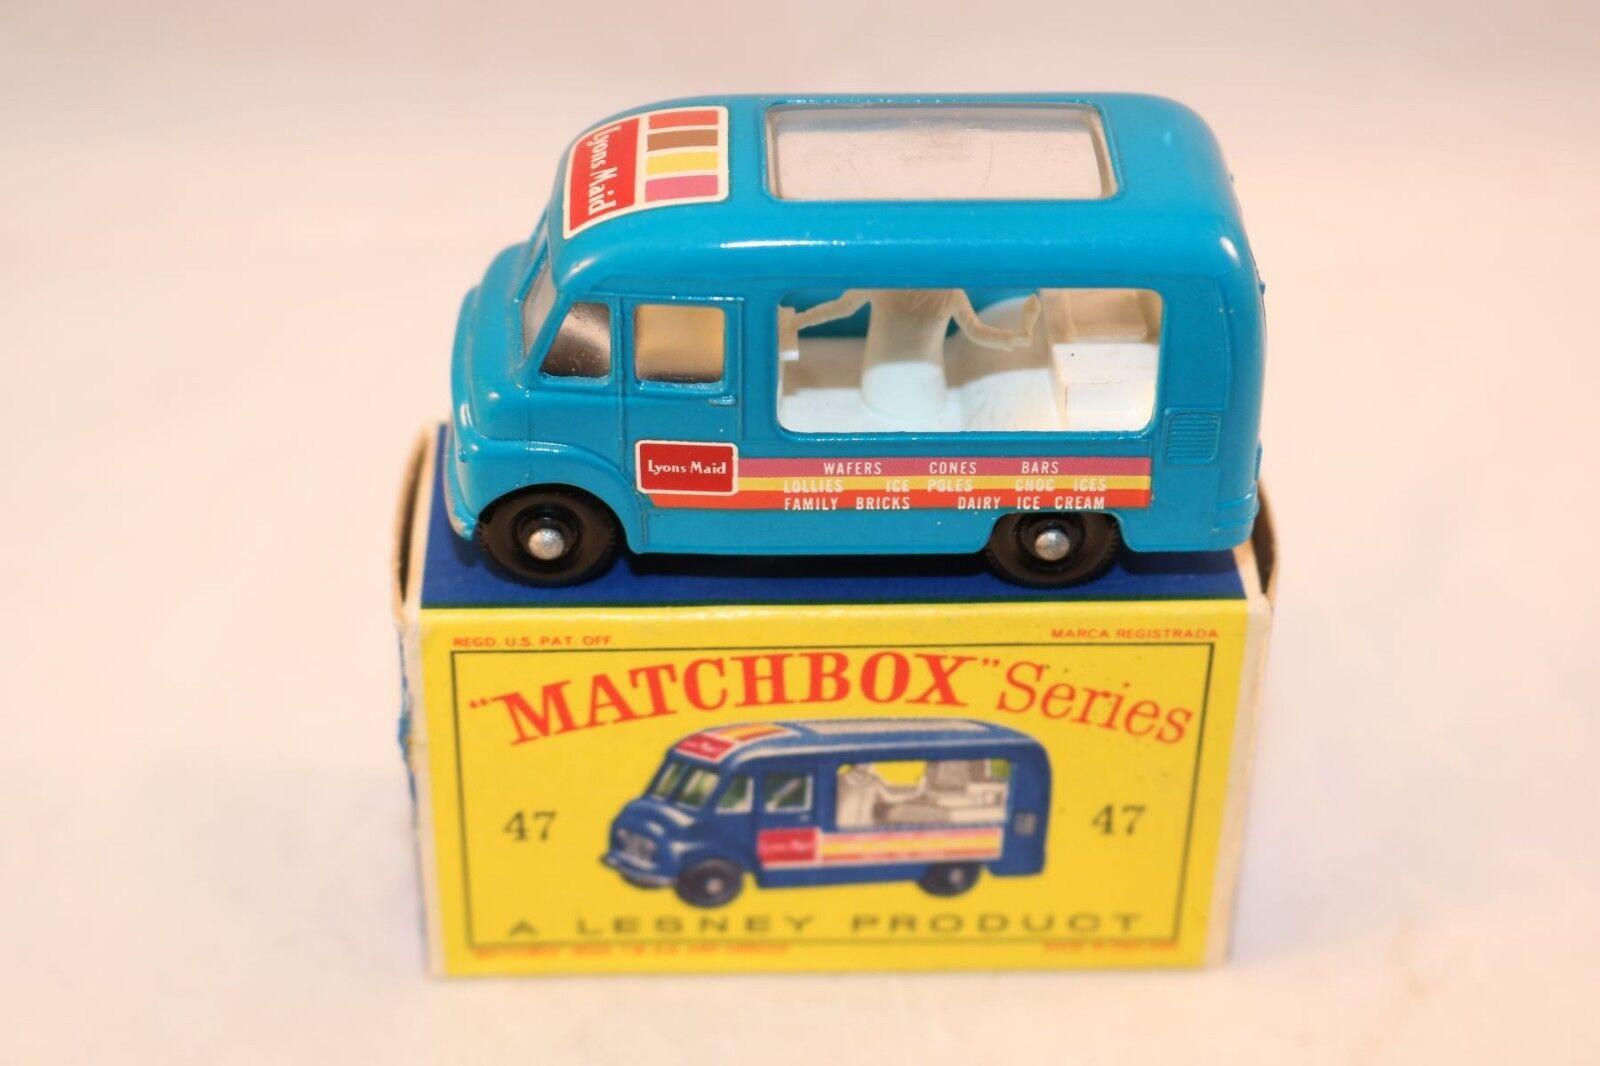 Matchlåda Lesney No 47 Lyons Maid Glass bilen Shop BPW Mint i låda